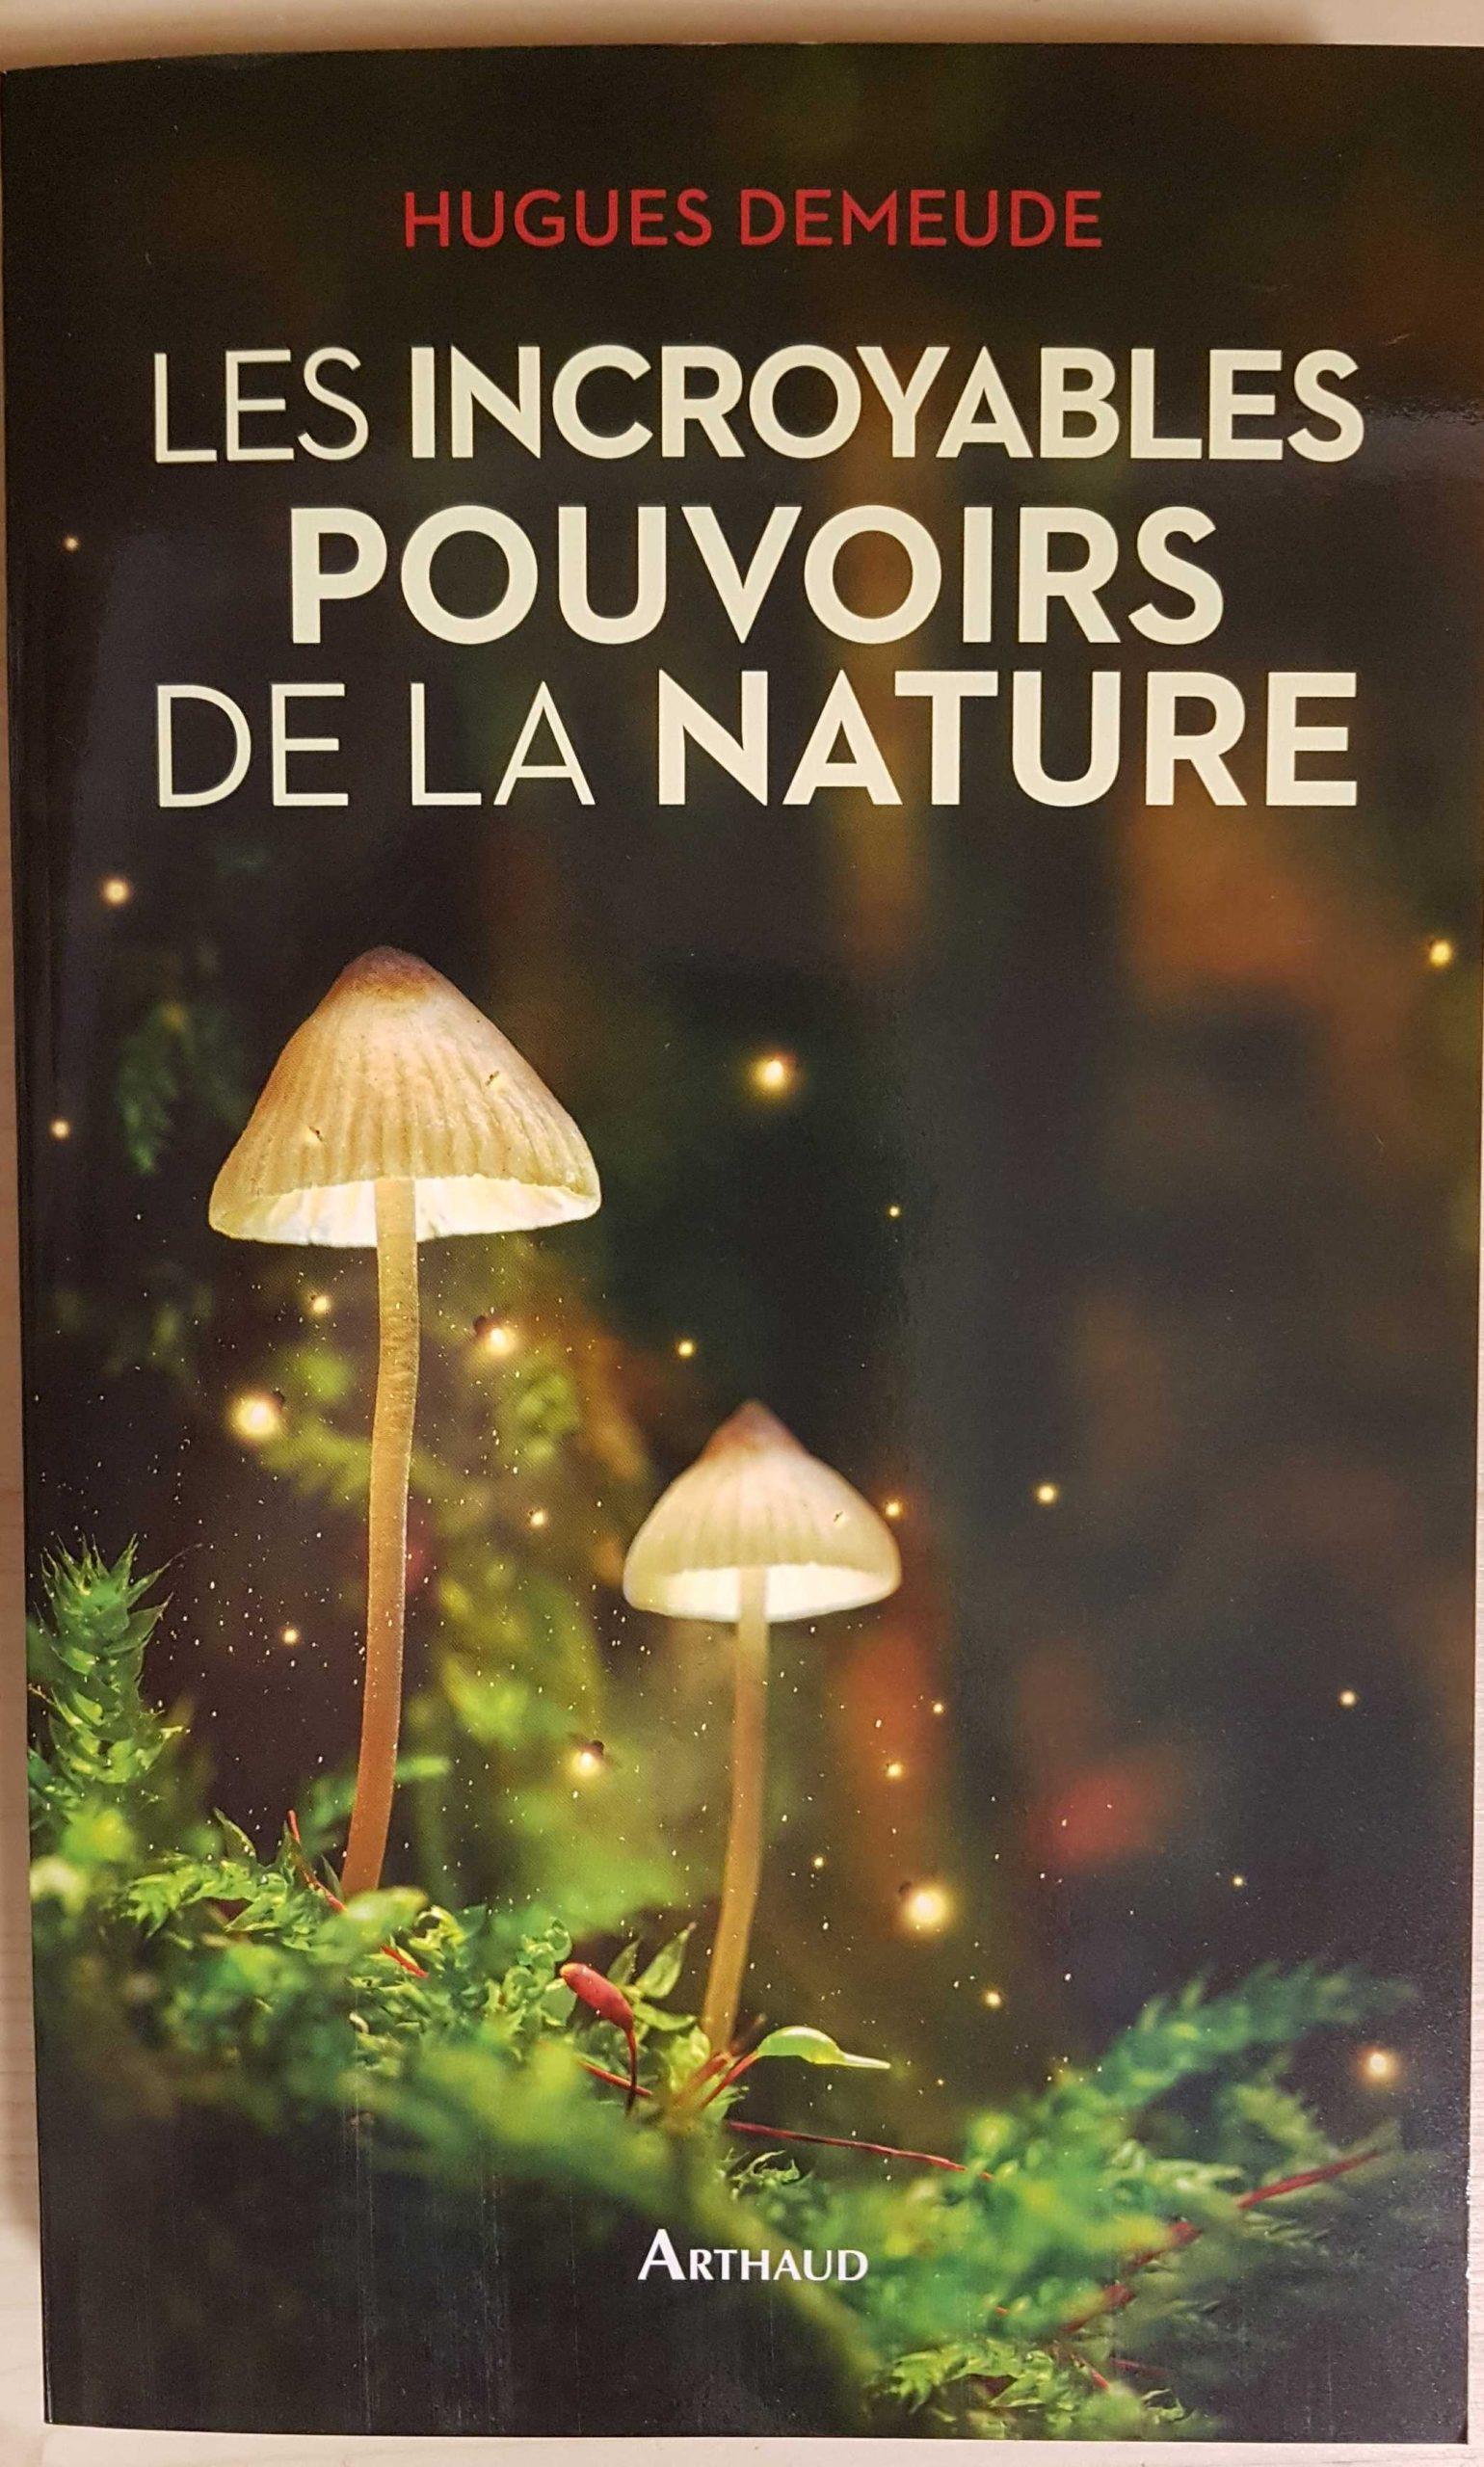 Les incroyables pouvoirs de la nature